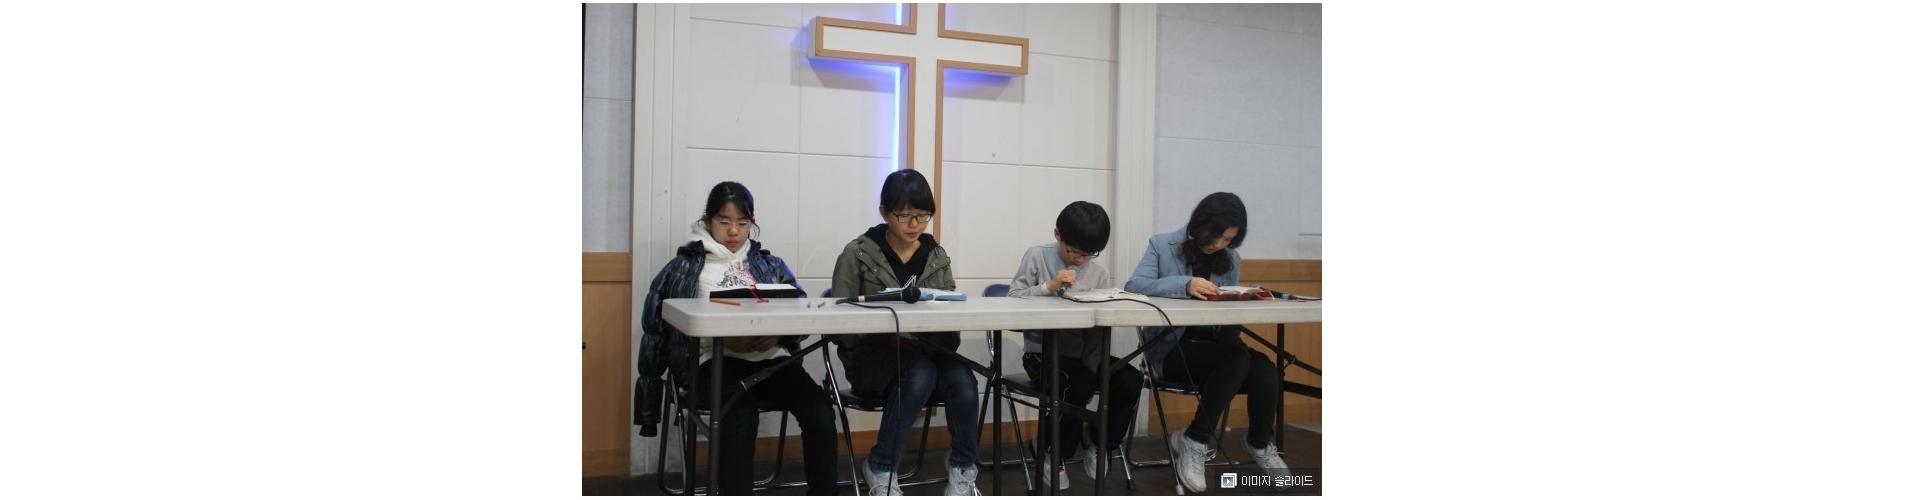 2013 1학기 개강 사경회